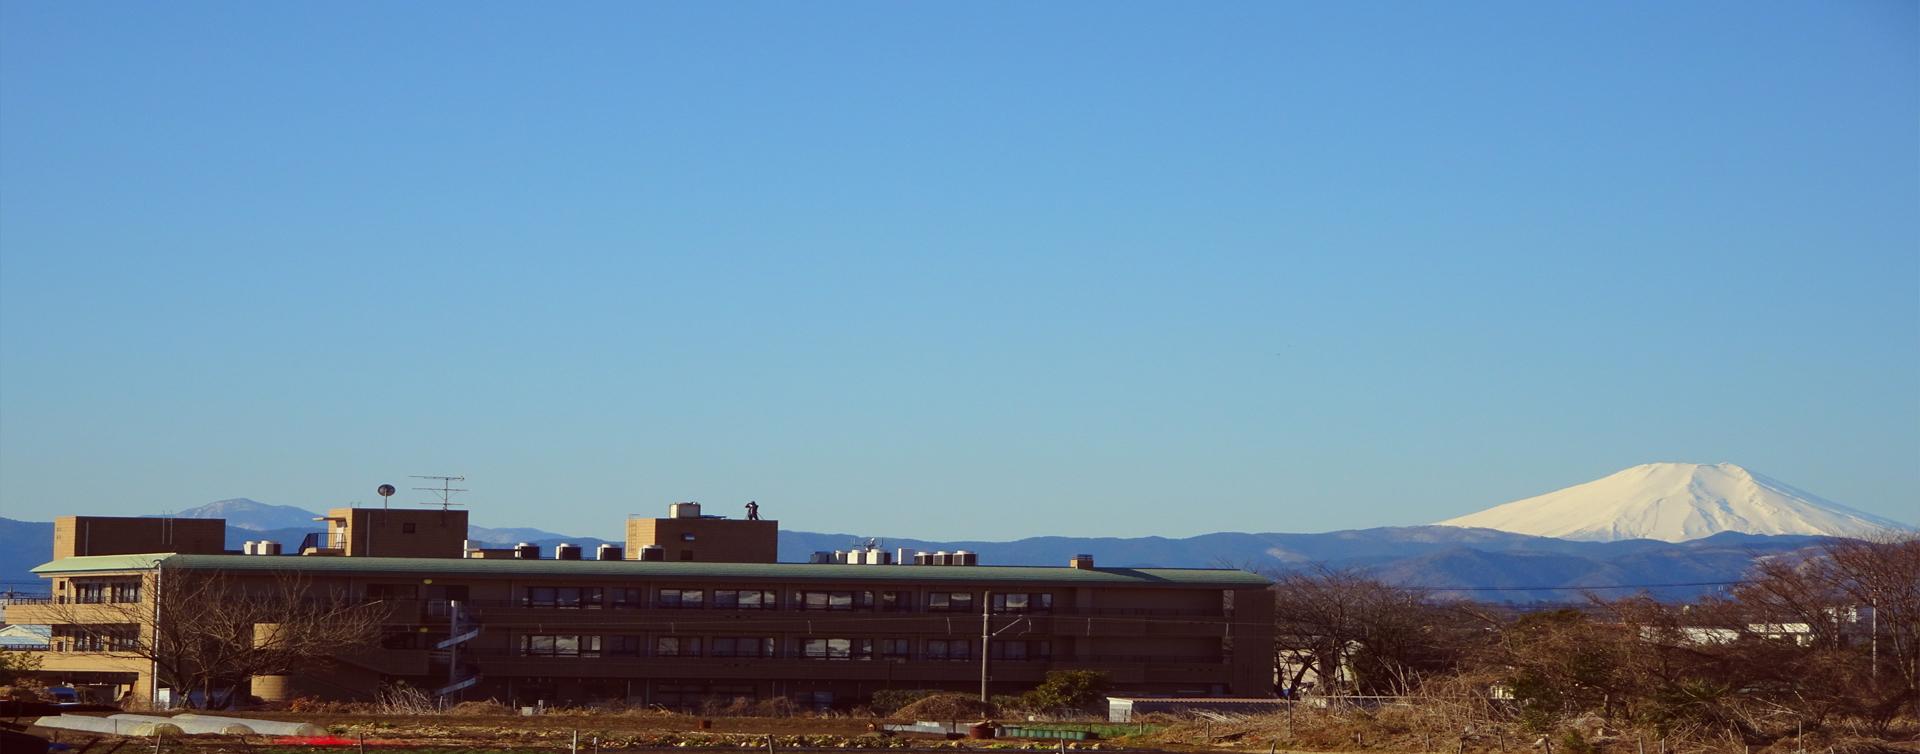 富士山を望む、眺望抜群の特別養護老人ホーム良友園